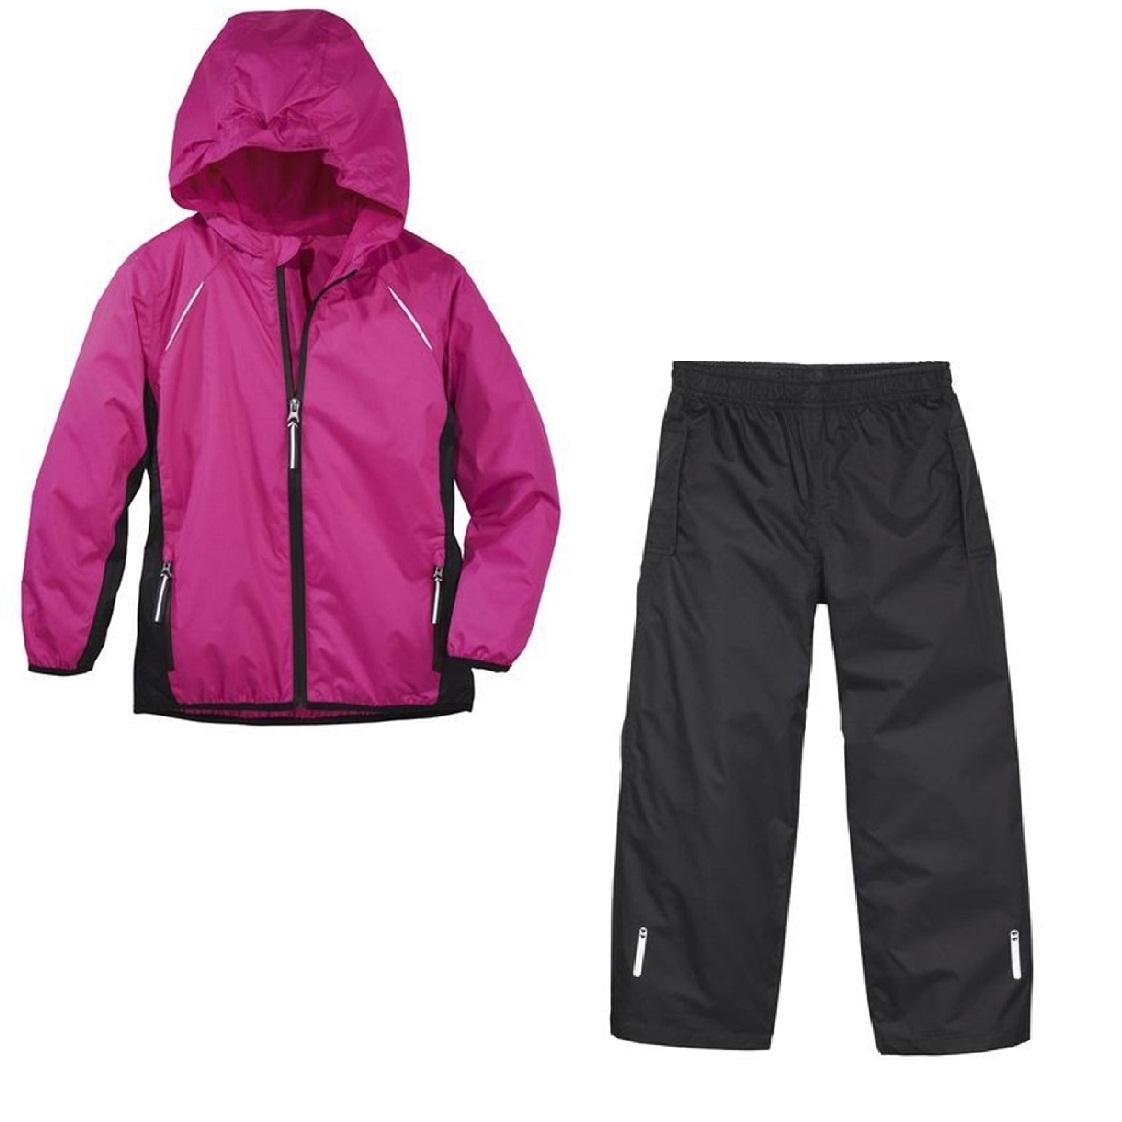 ست گرمکن و شلوار ورزشی دخترانه کرویت کد DK205